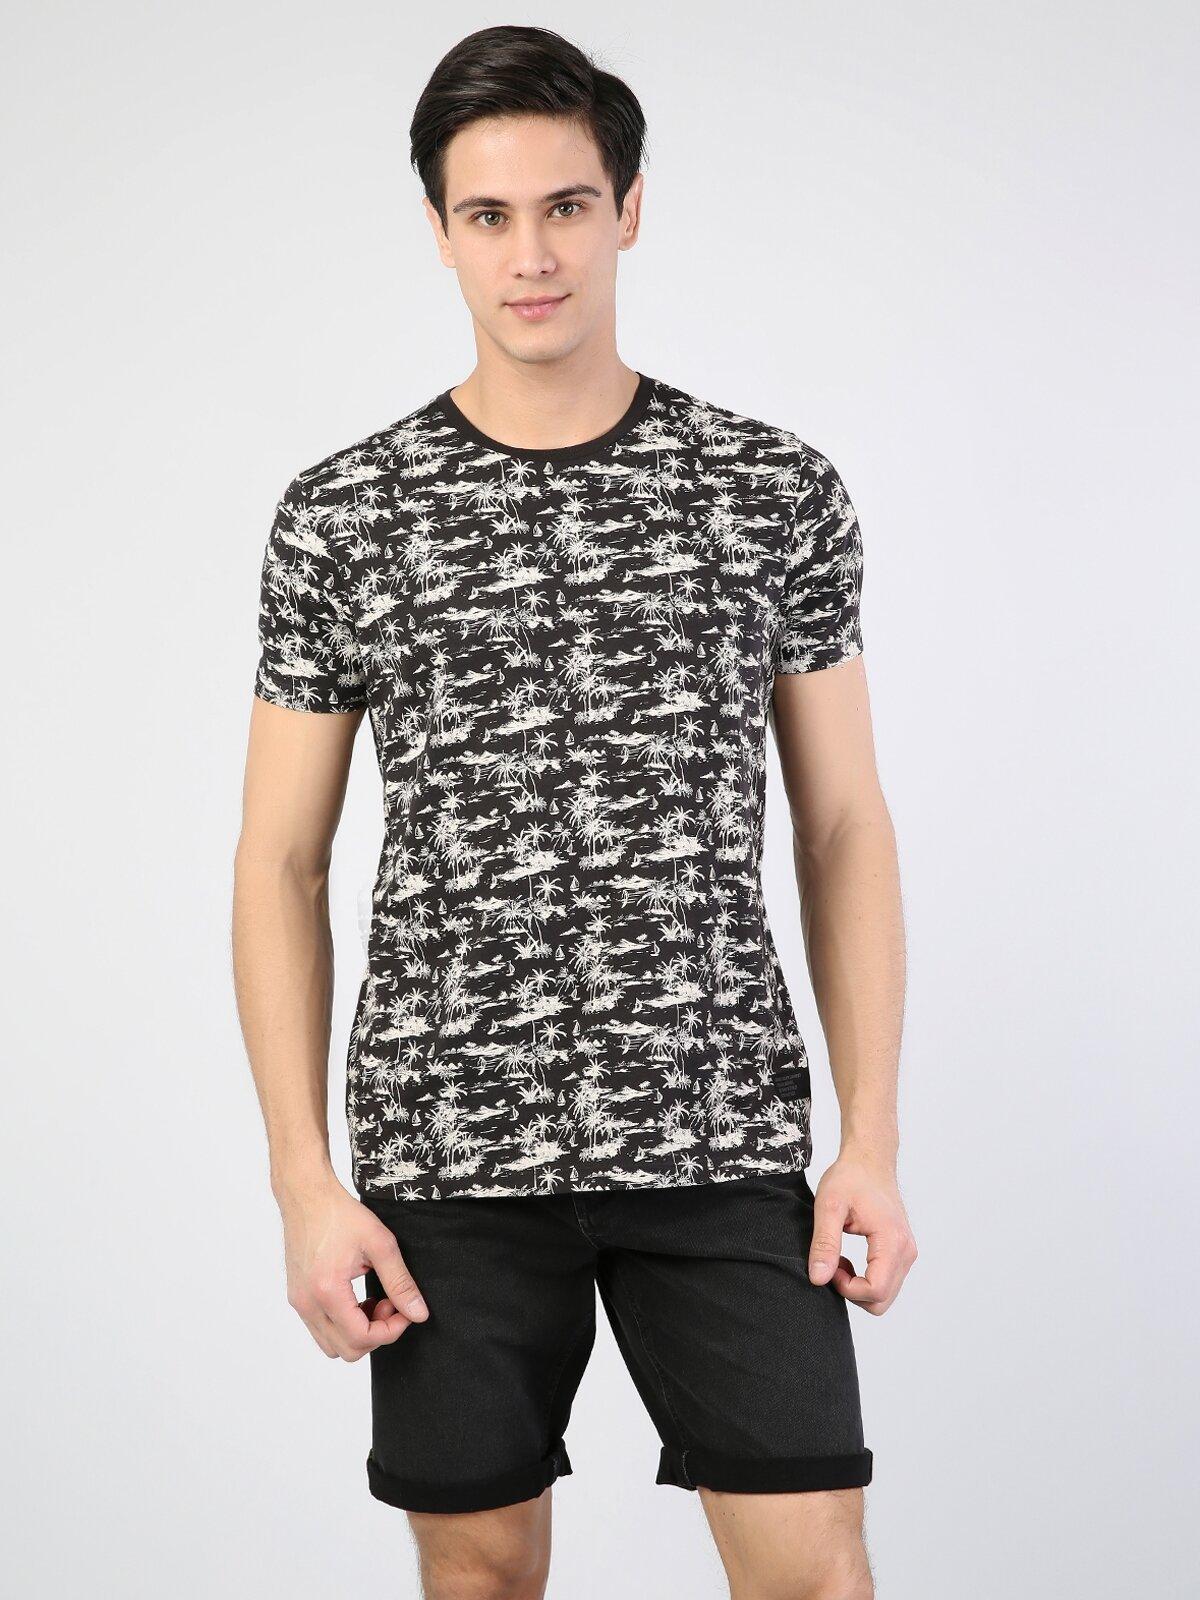 Antrasit Yuvarlak Yaka Erkek Kısa Kol Tişört